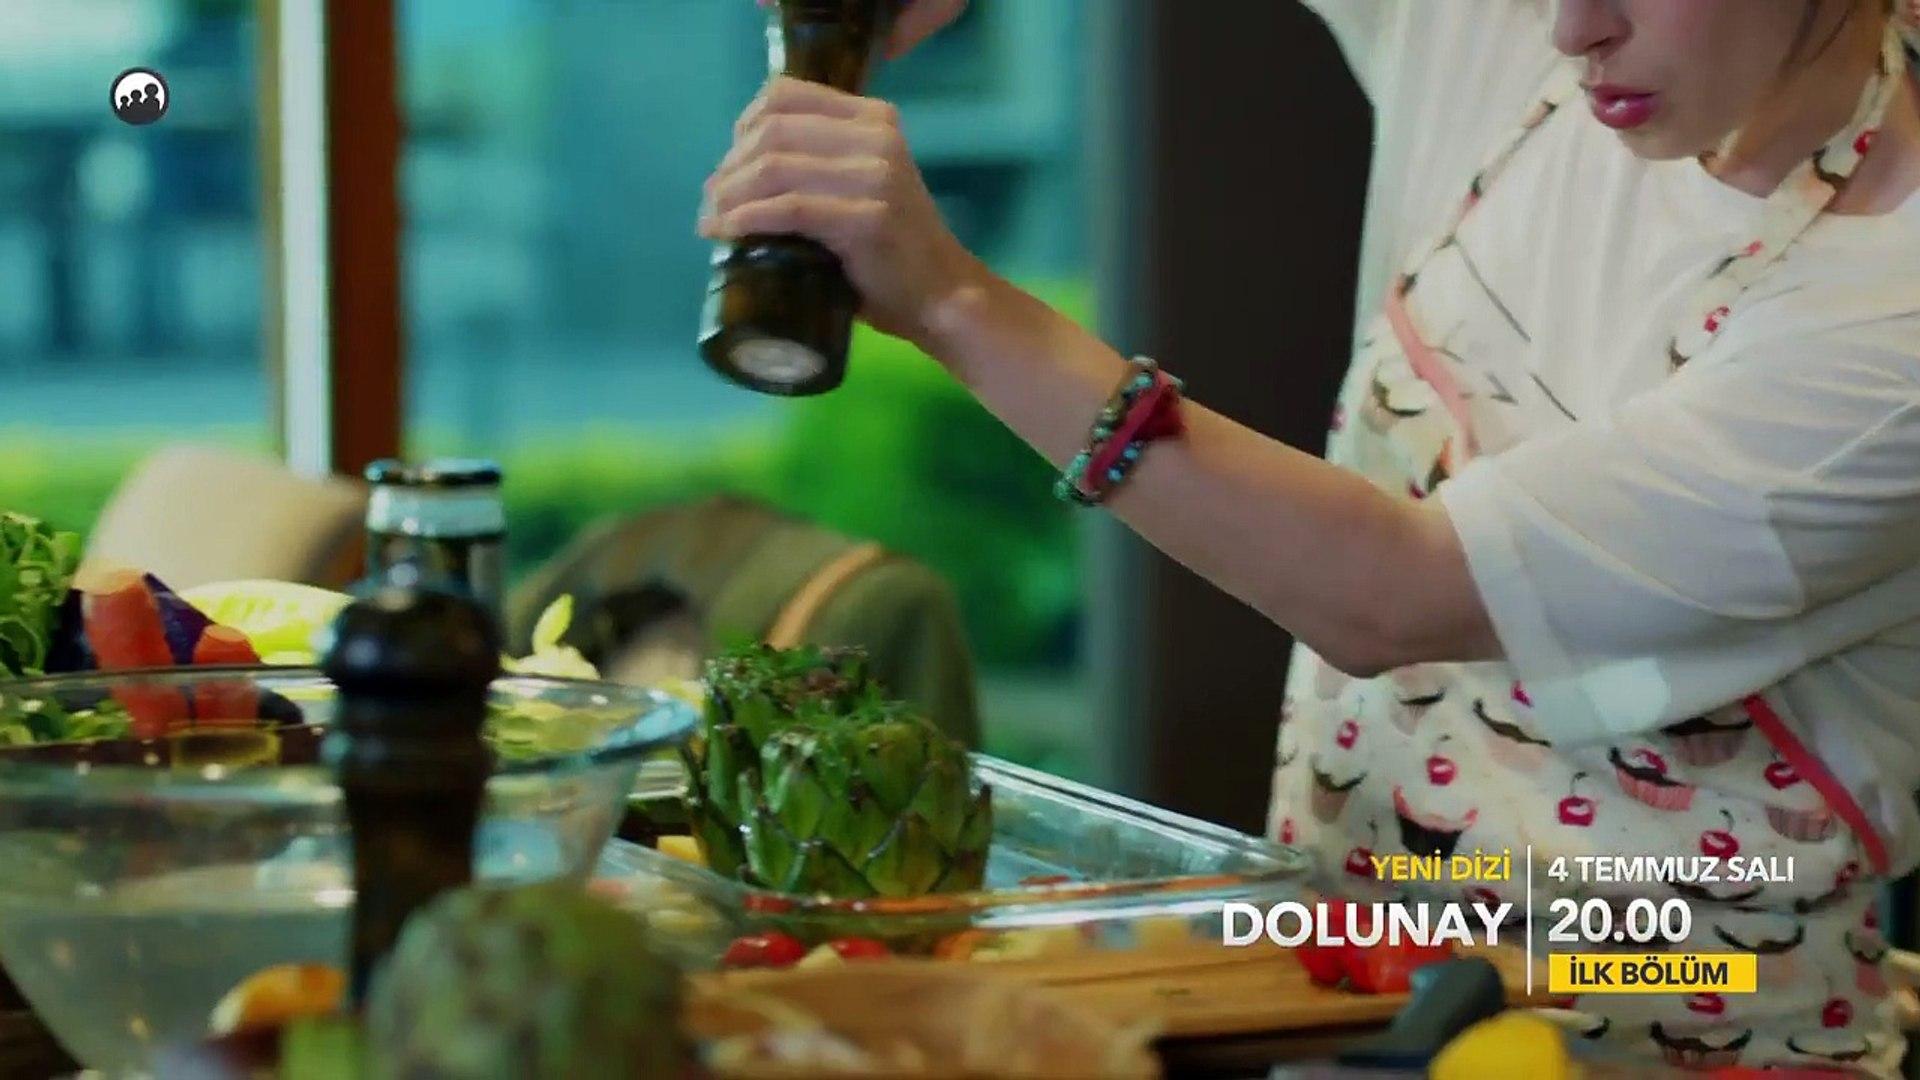 Dolunay Episode 1 English Dub